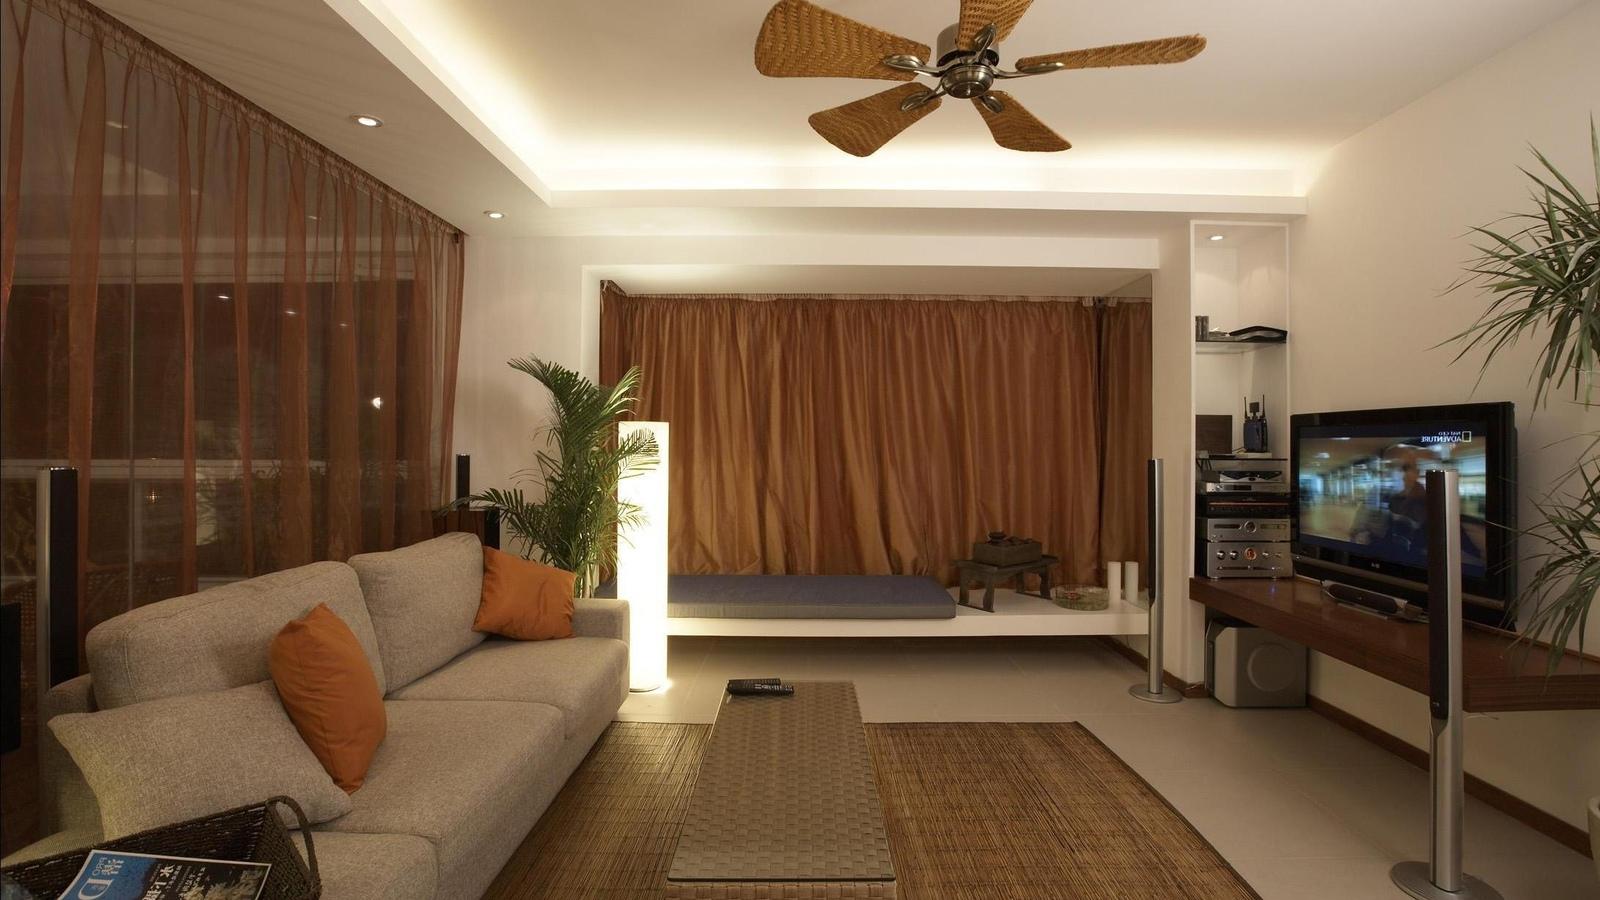 Идея для зала. фото